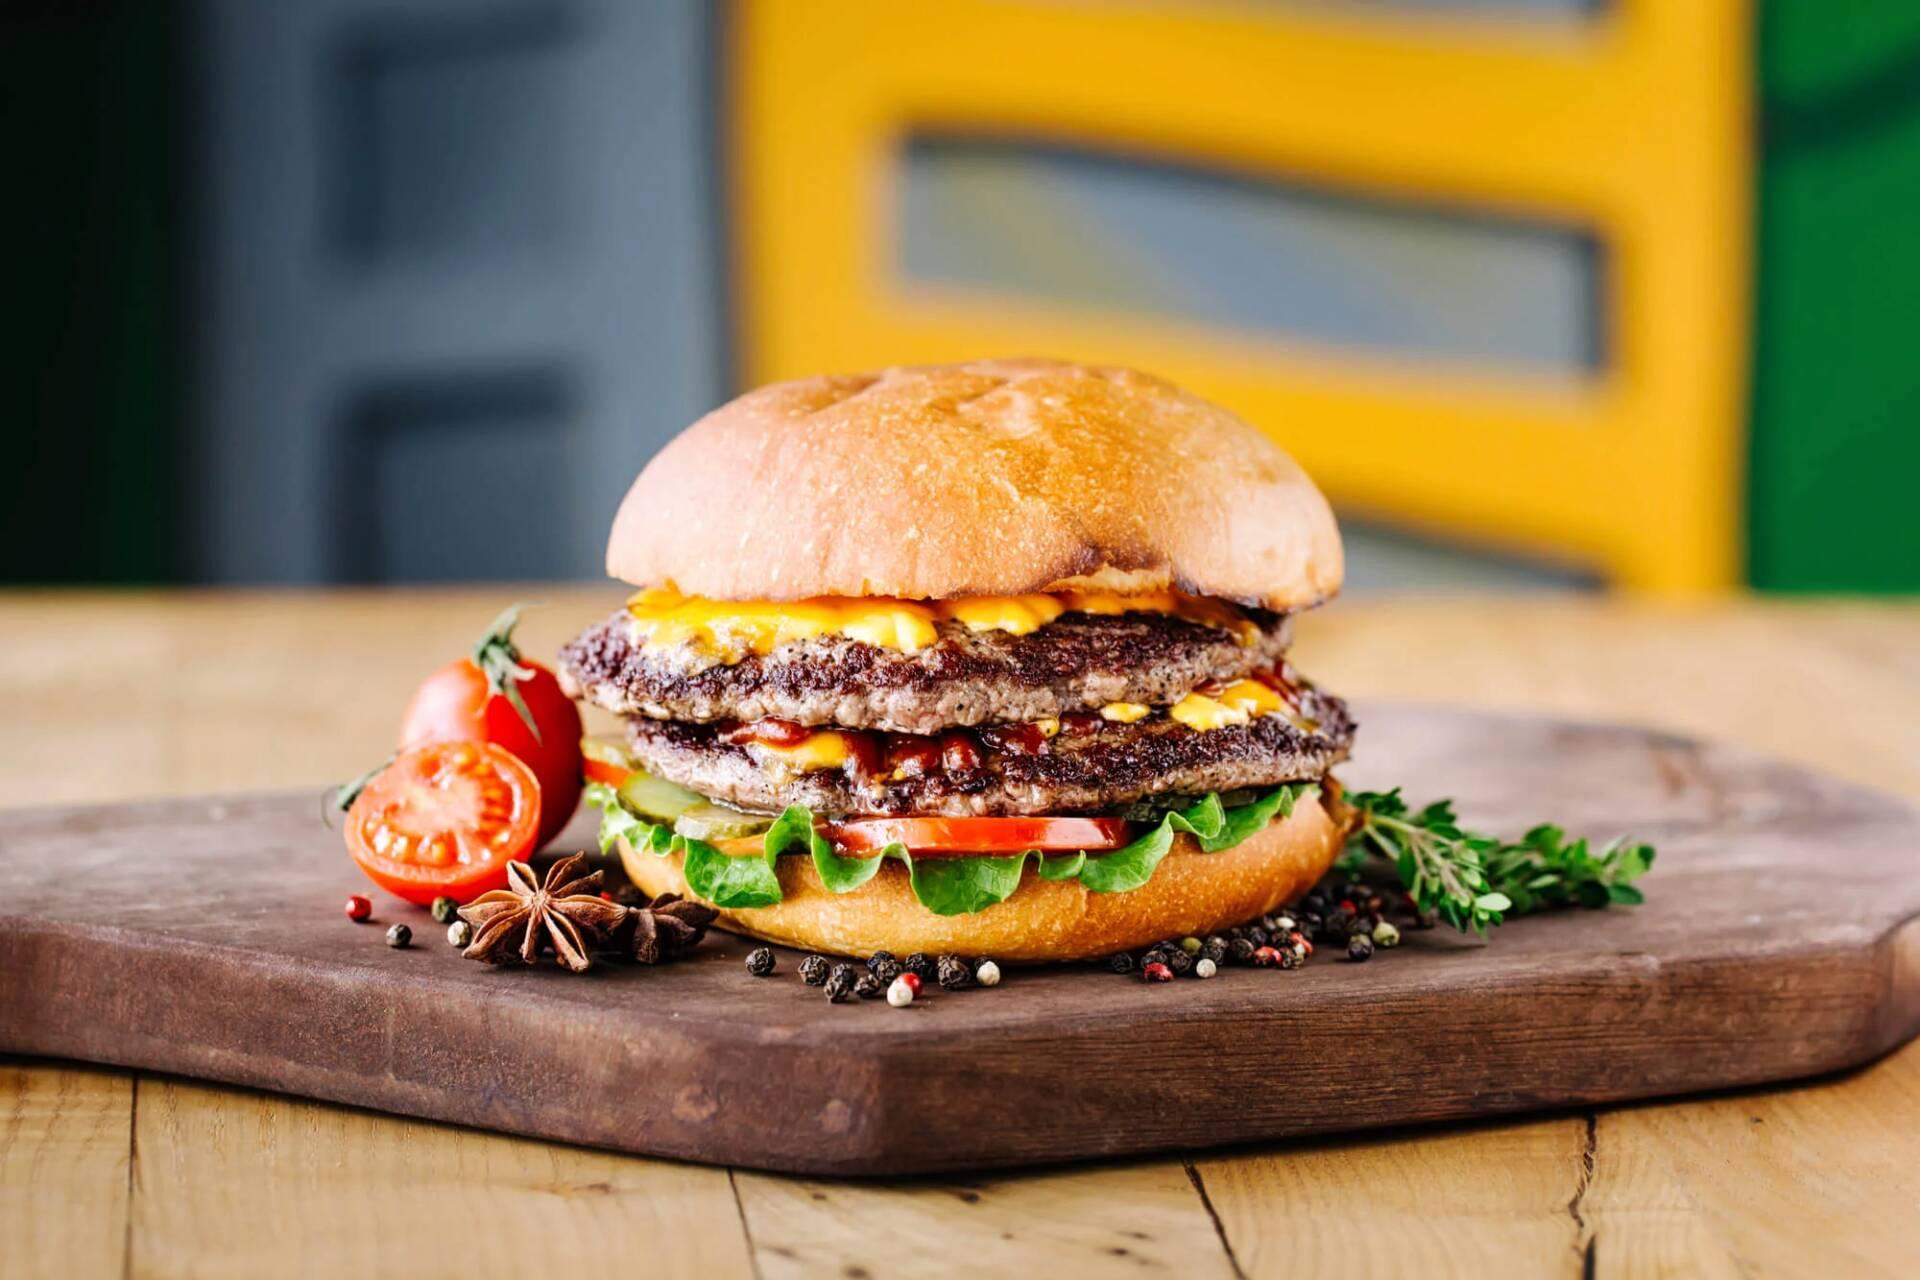 photo d'un double cheeseburger fait maison, posé sur une épaisse planche à découper en bois